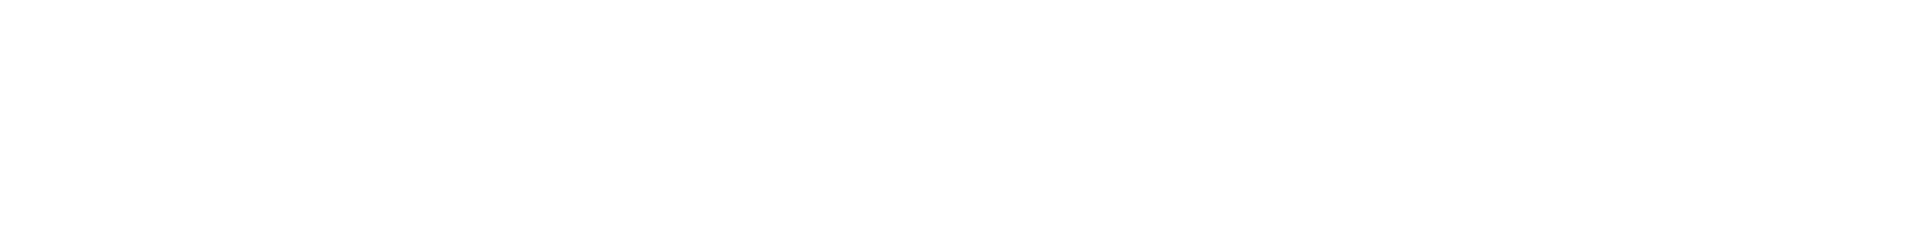 Lighthouse는 개인이 가진 변혁적 힘을 믿습니다.  저희가 엄밀하고 실용적인 접근으로 기업가 커뮤니티를 육성하는 이유입니다.